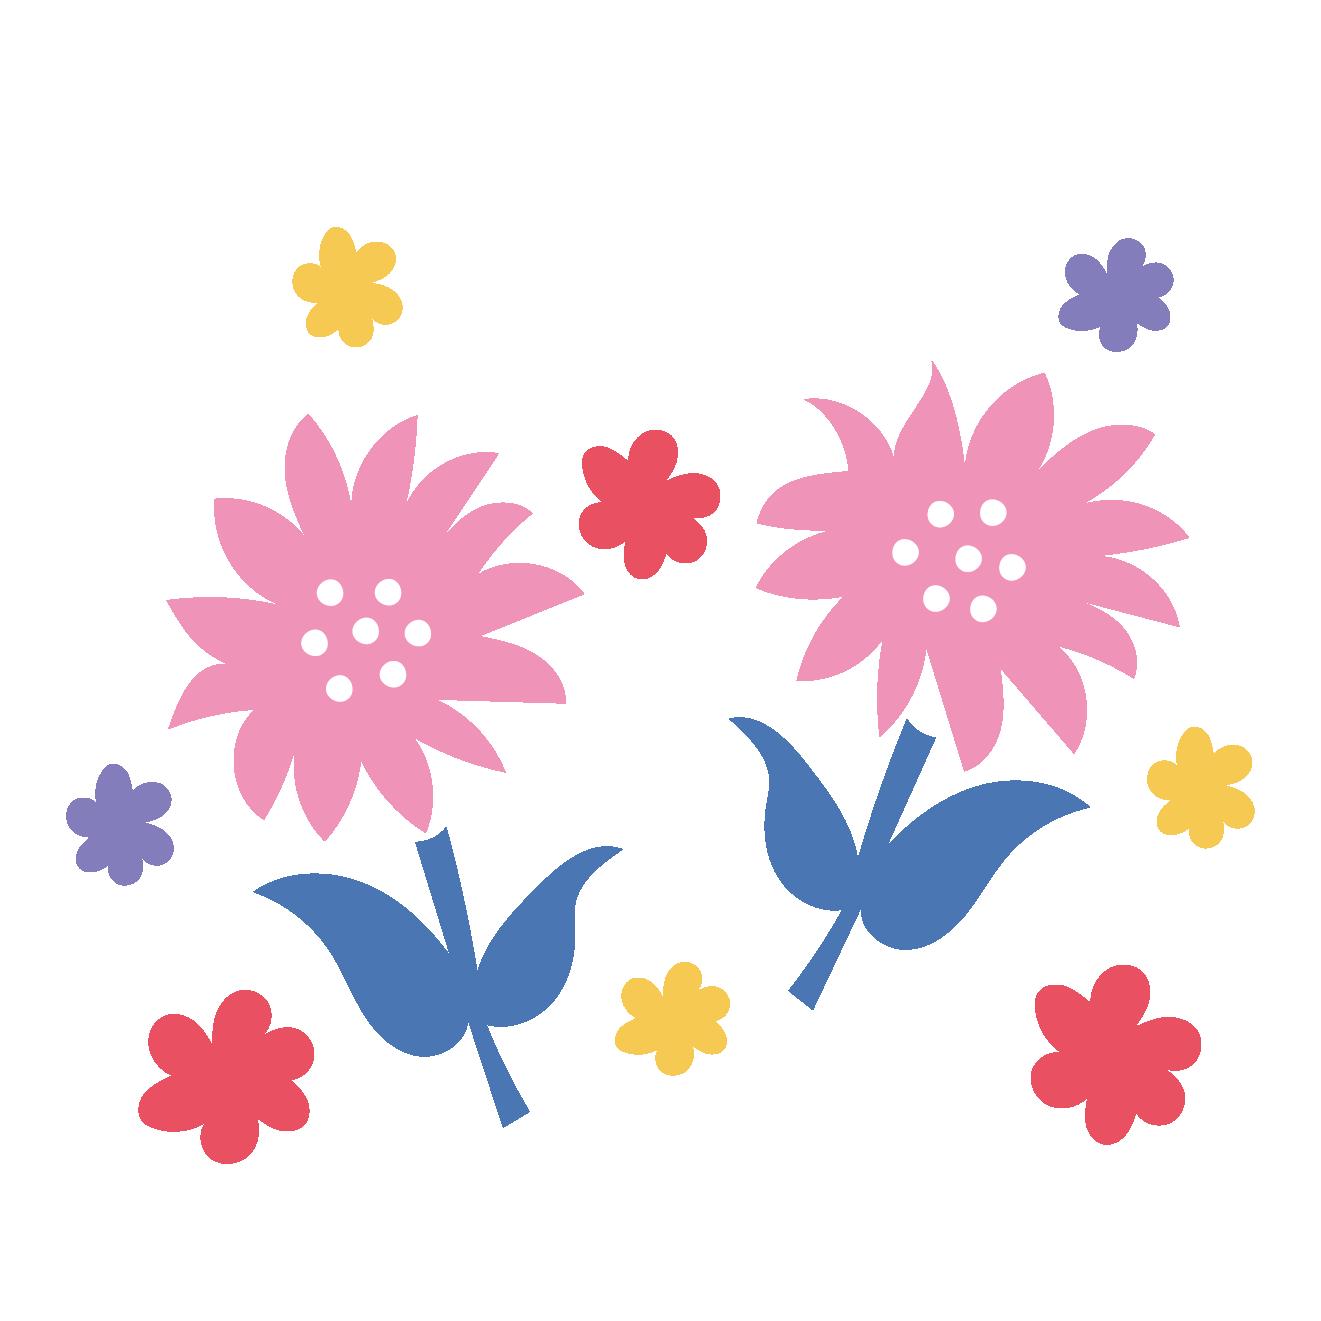 かわいい♪お花のワンポイントデザイン イラスト | 商用フリー(無料)の